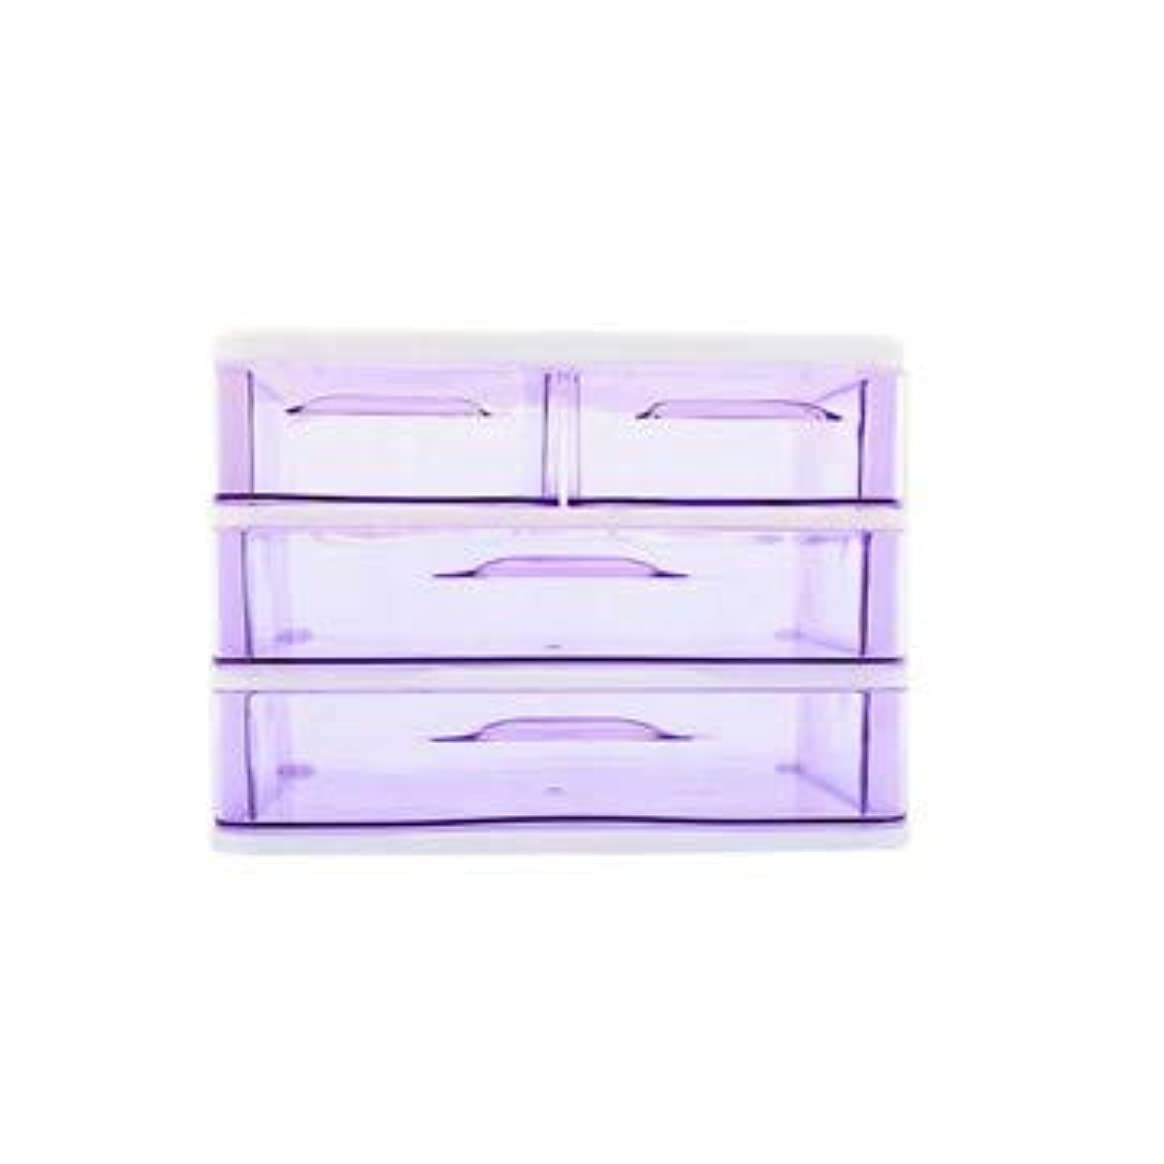 成長居住者嘆くクリエイティブ収納ボックス三層プラスチック化粧品収納ボックスデスクトップ引き出し型仕上げボックス収納ボックス化粧箱 (Color : Purple)